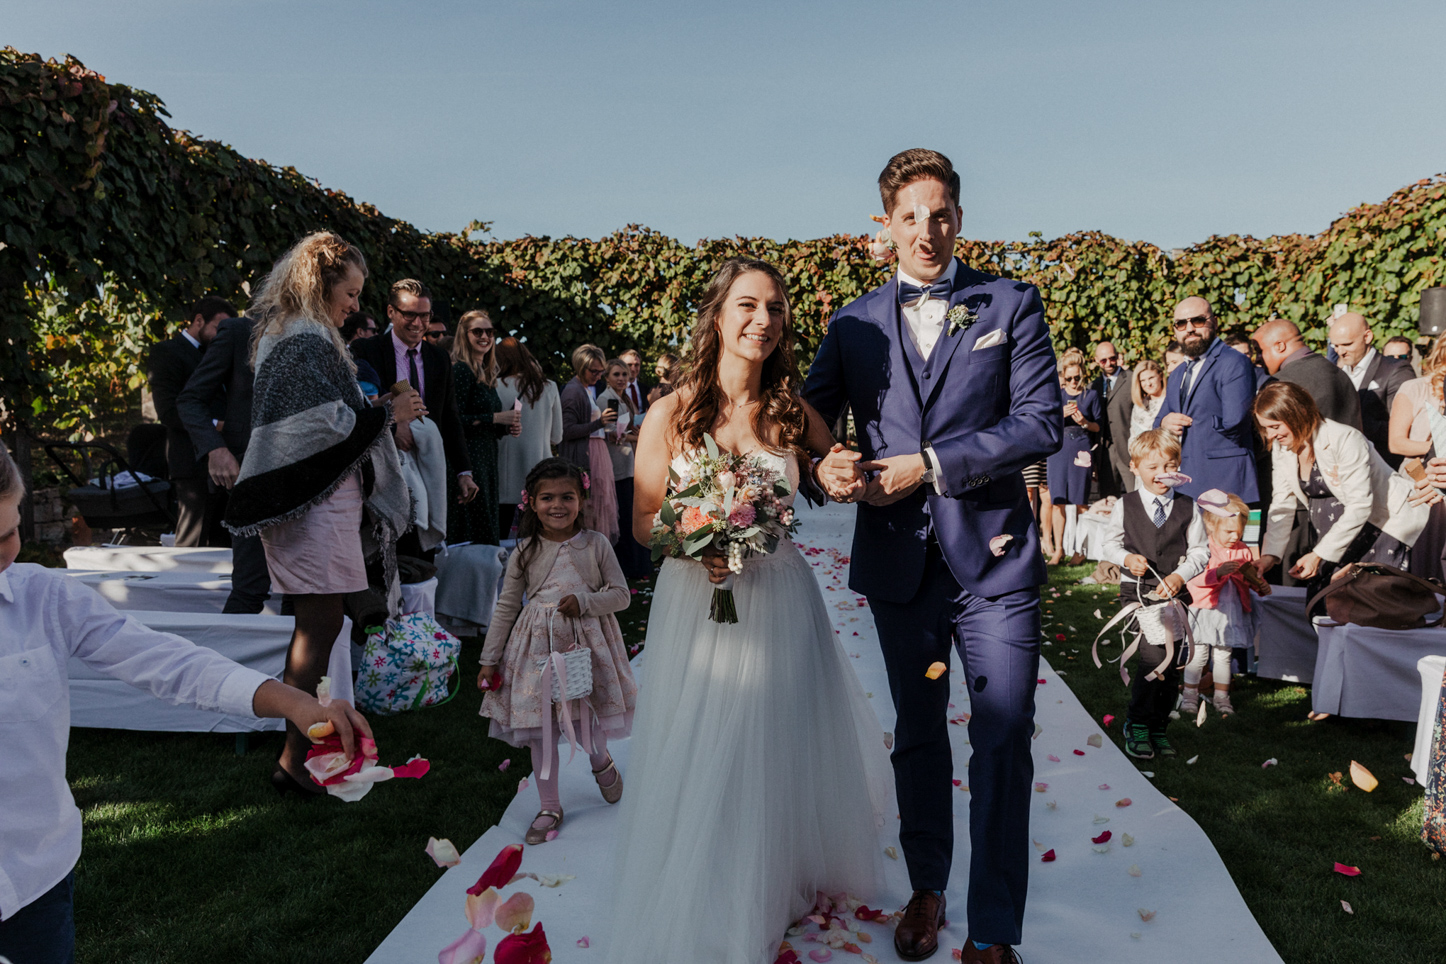 Brautpaar wird mit Blüten beworfen